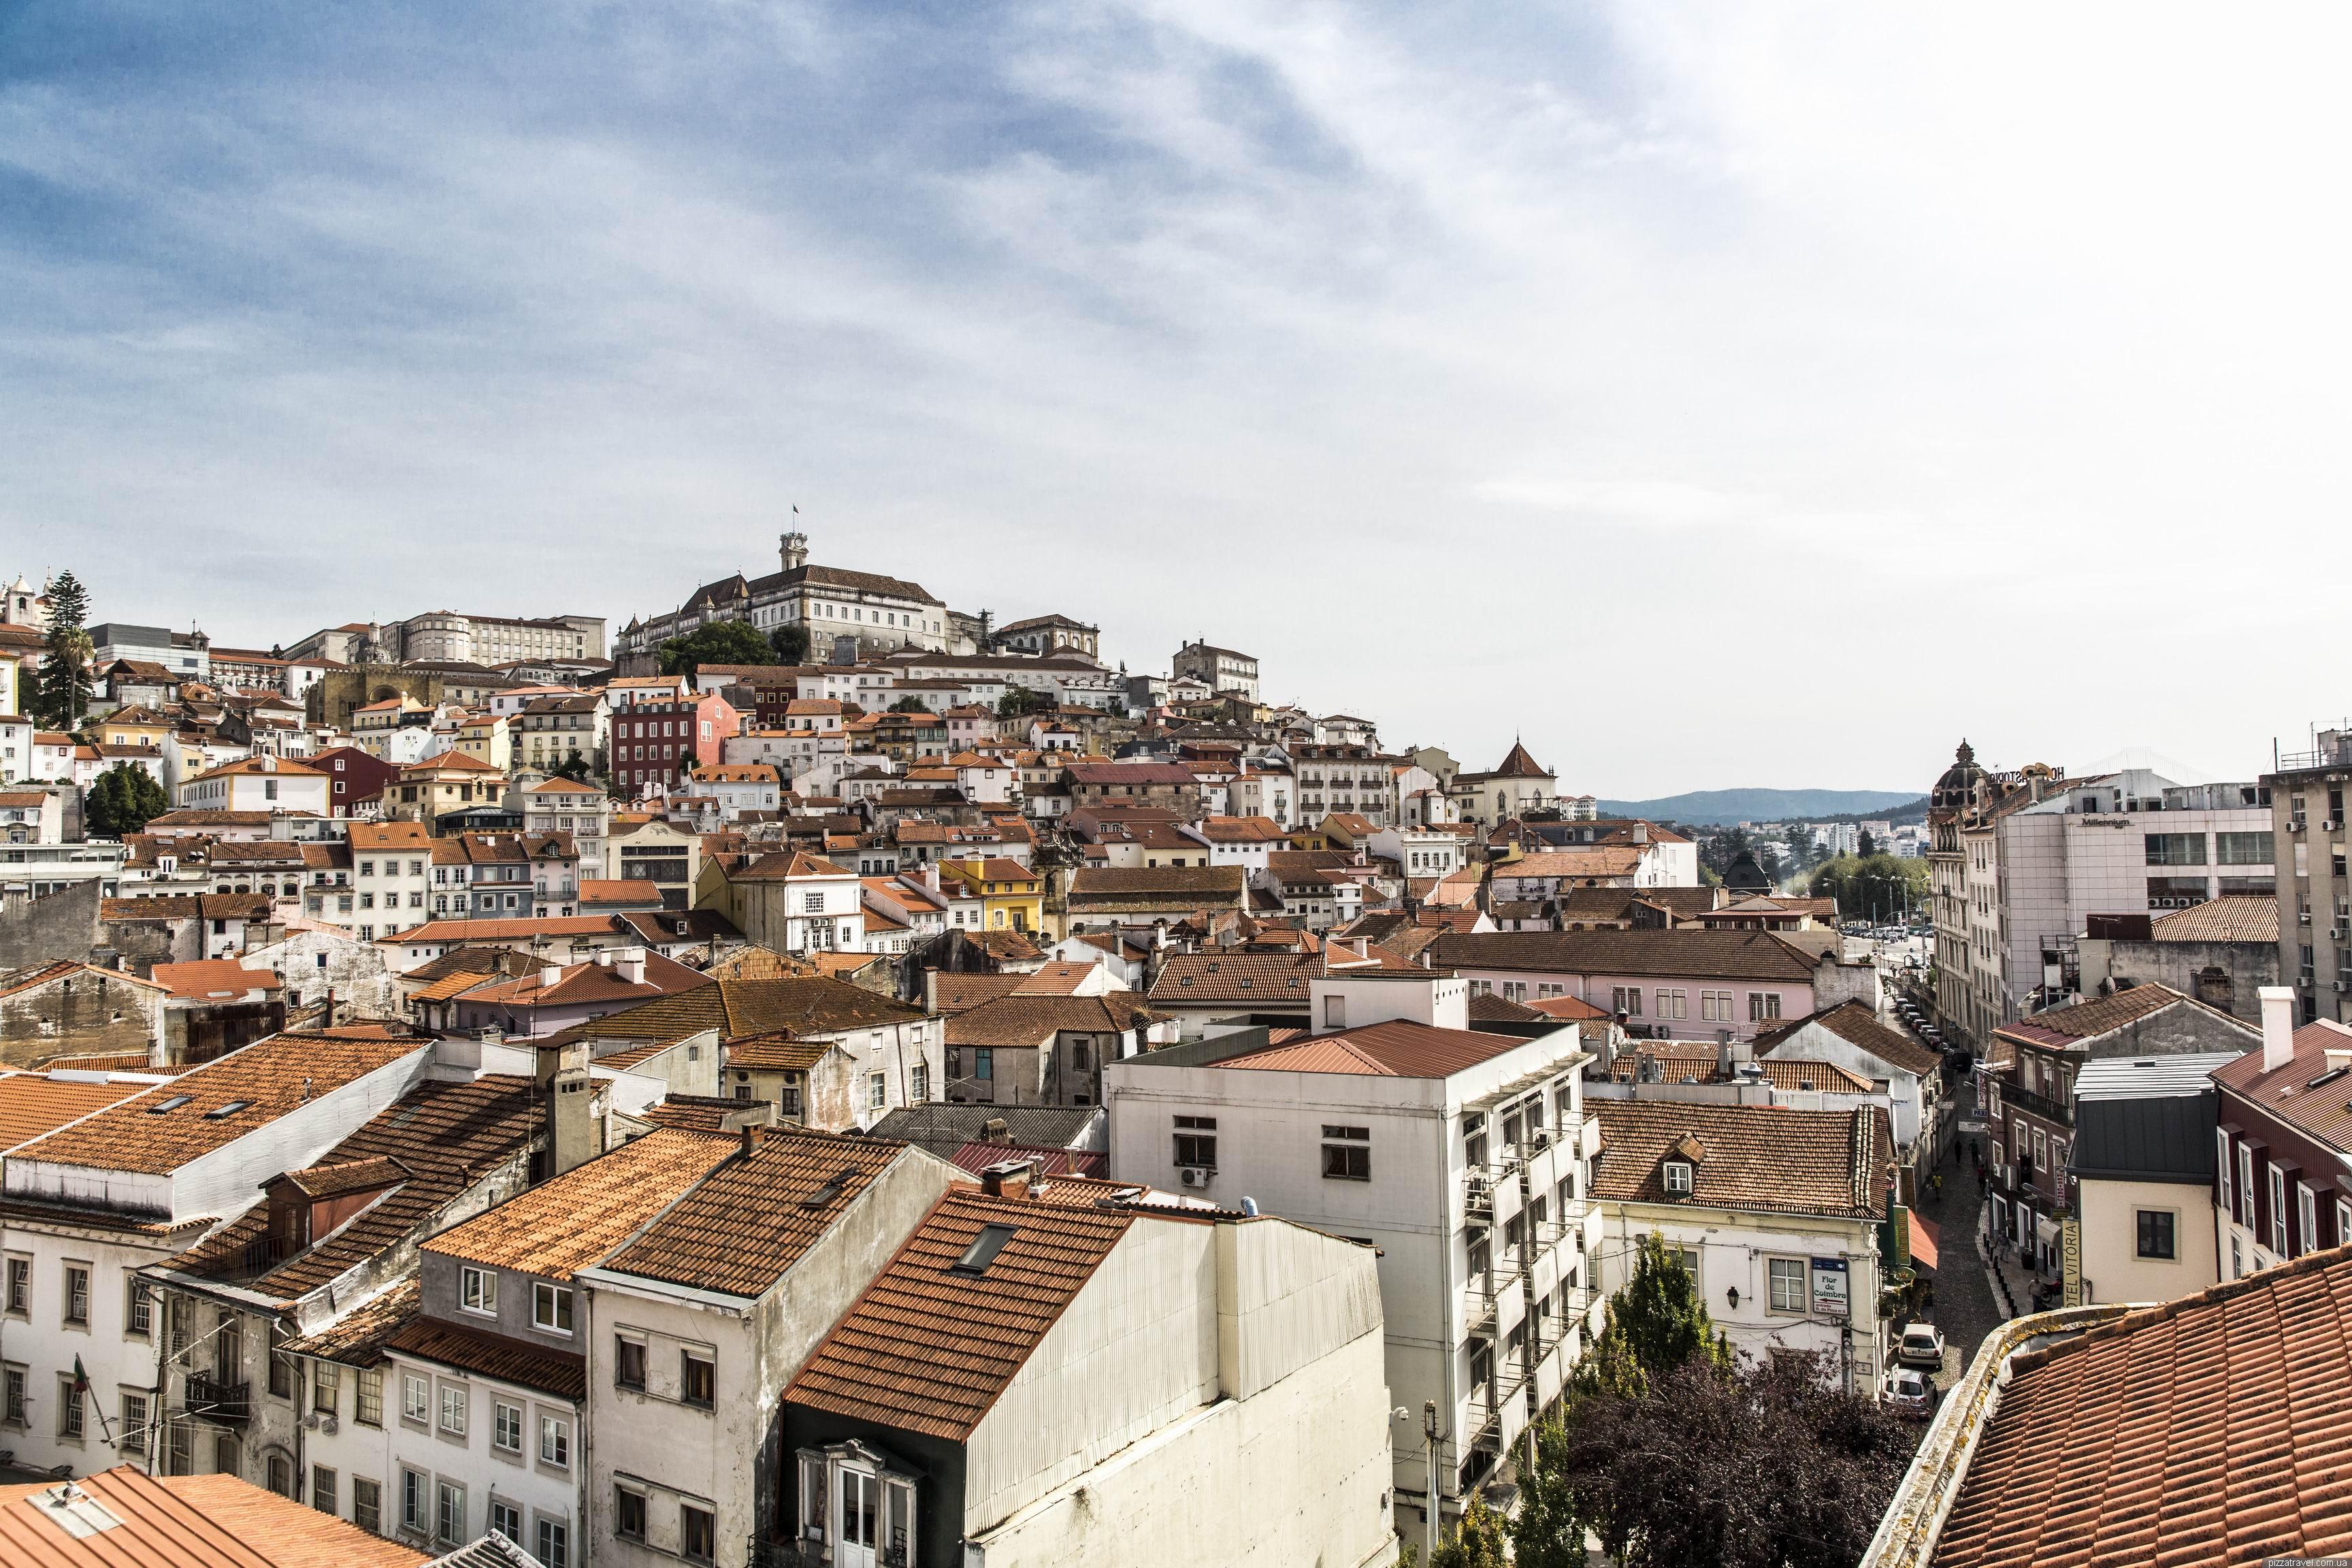 Картинки по запросу коимбра португалия